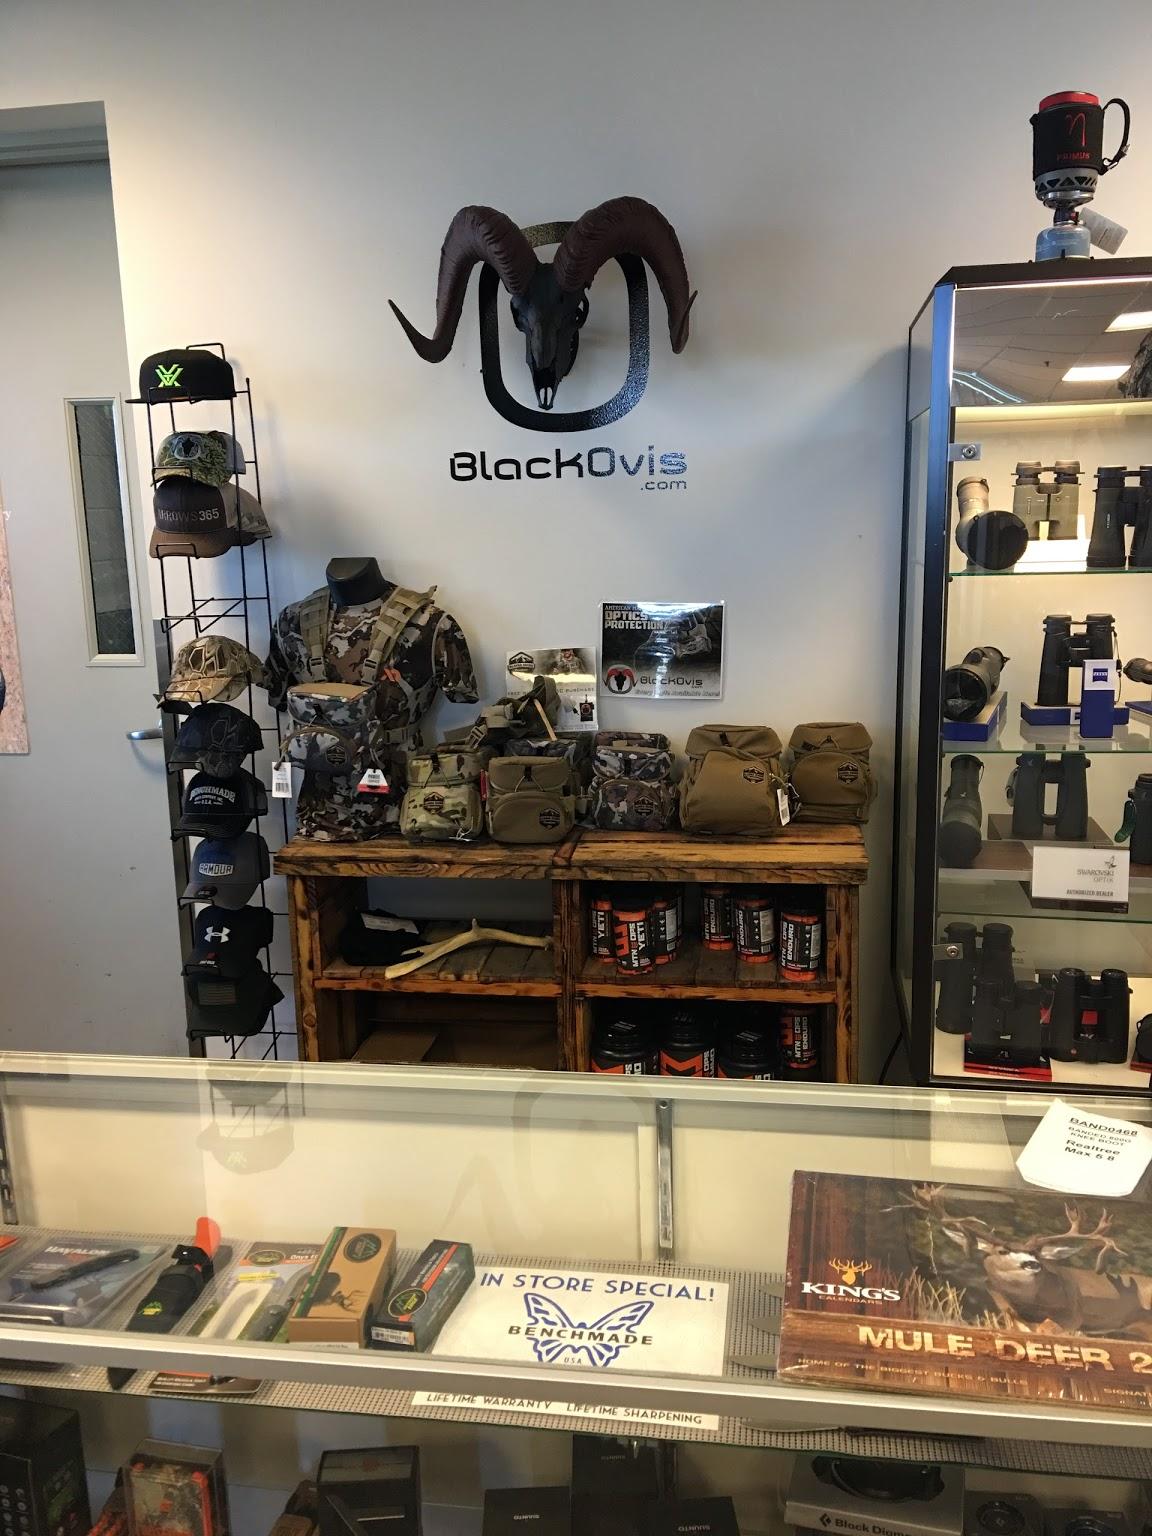 BlackOvis.com Storefront